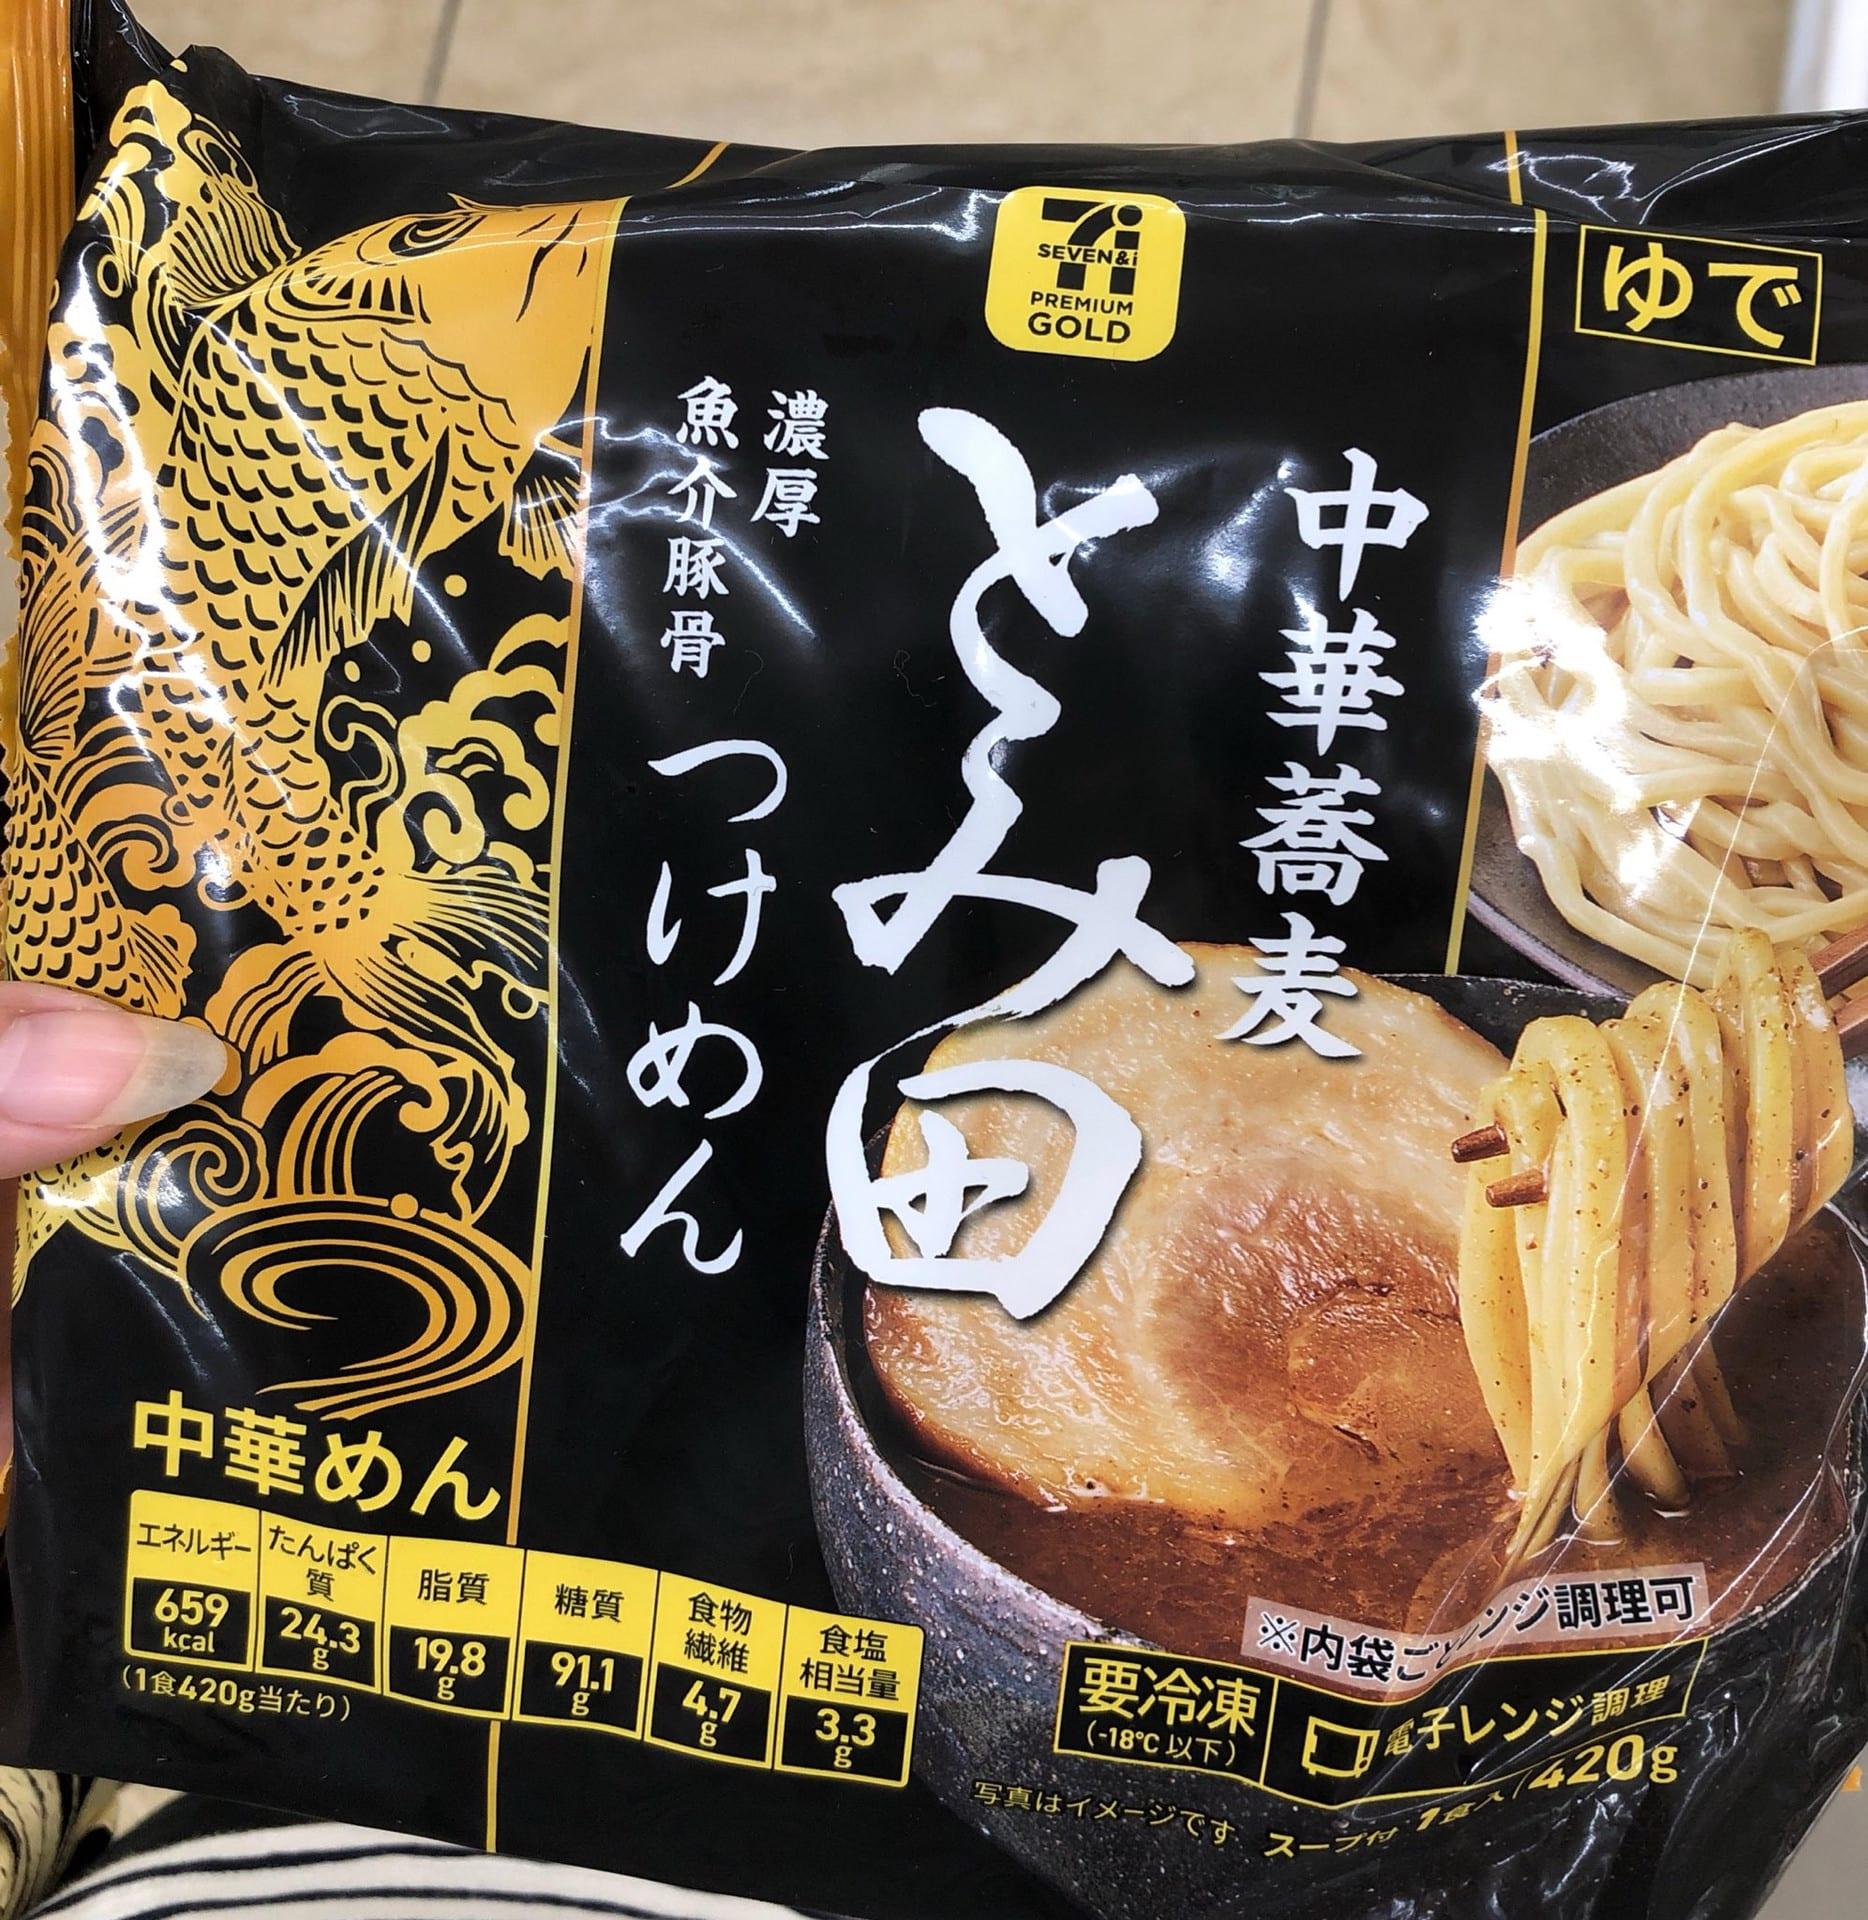 【速報】セブンイレブン冷凍つけ麺 日本中のつけ麺屋を駆逐する美味さと話題沸騰wwwwwwwwwwww